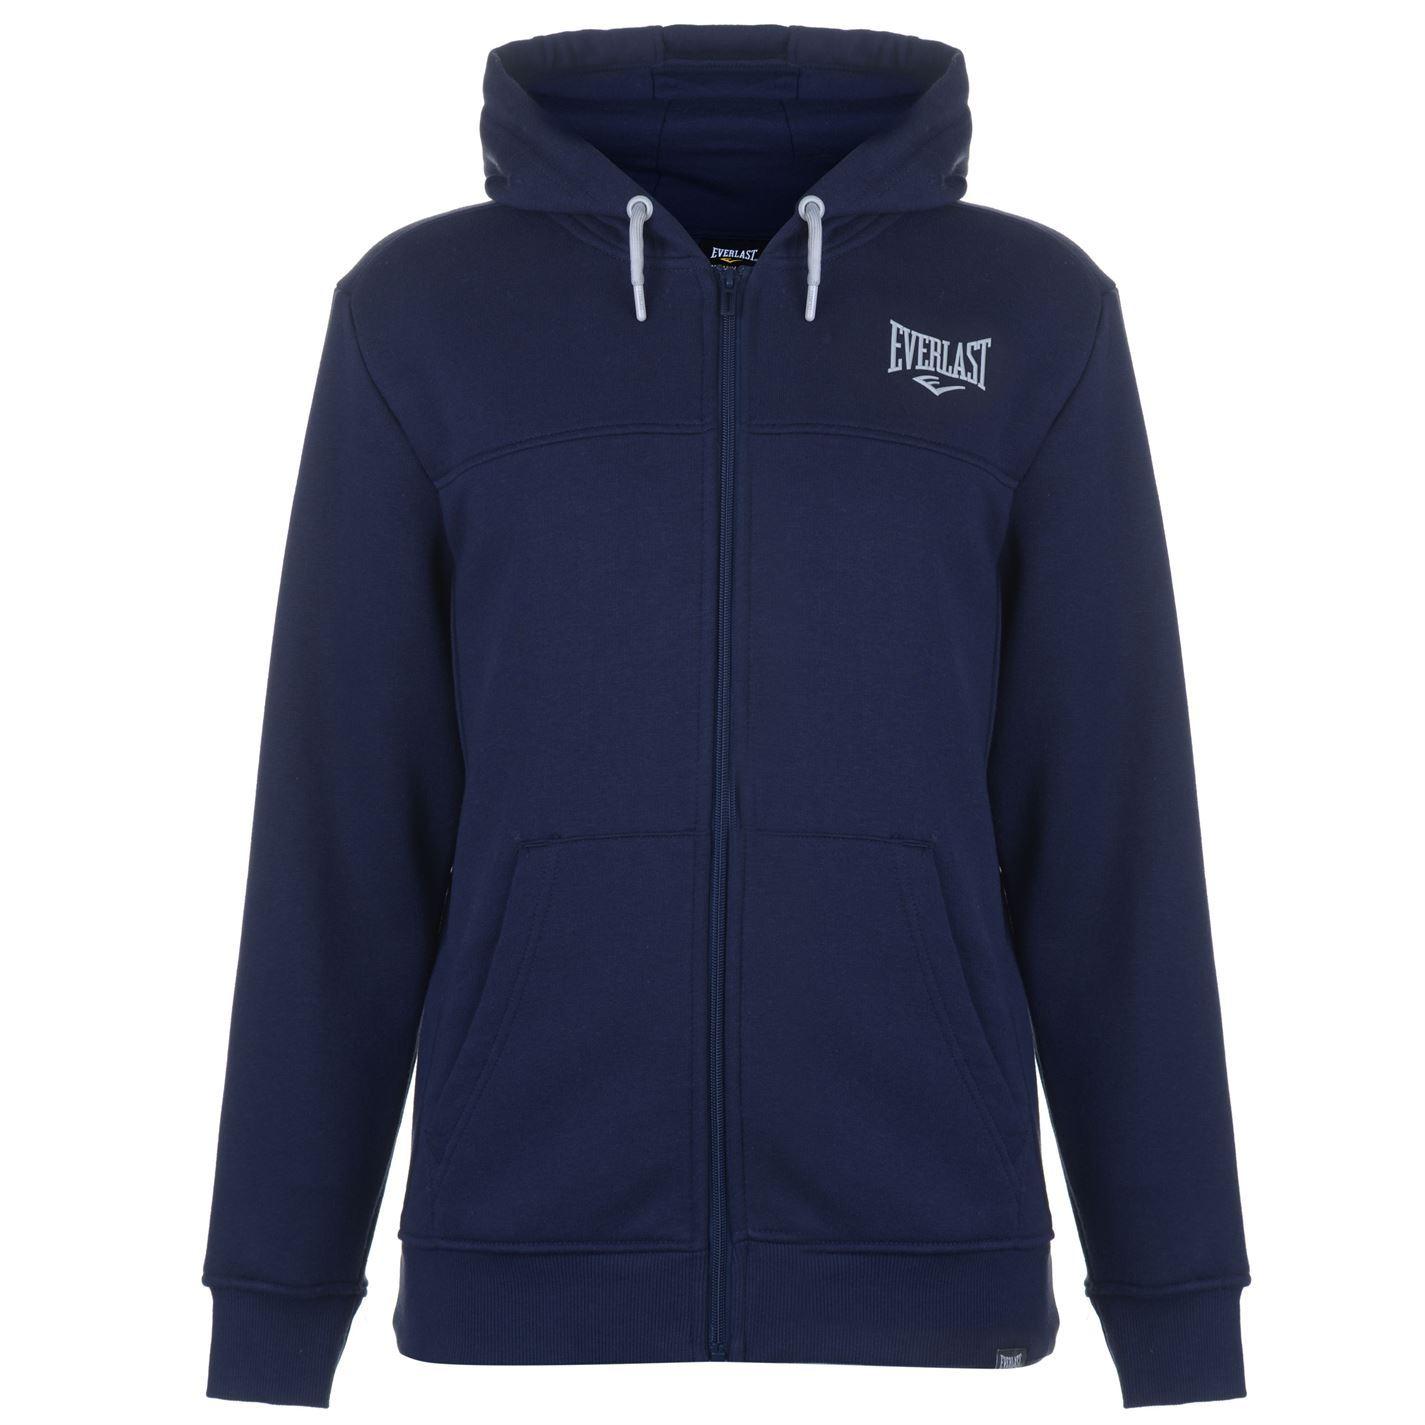 Everlast-Logo-Full-Zip-Hoody-Jacket-Mens-Hoodie-Sweatshirt-Sweater-Hooded-Top thumbnail 11